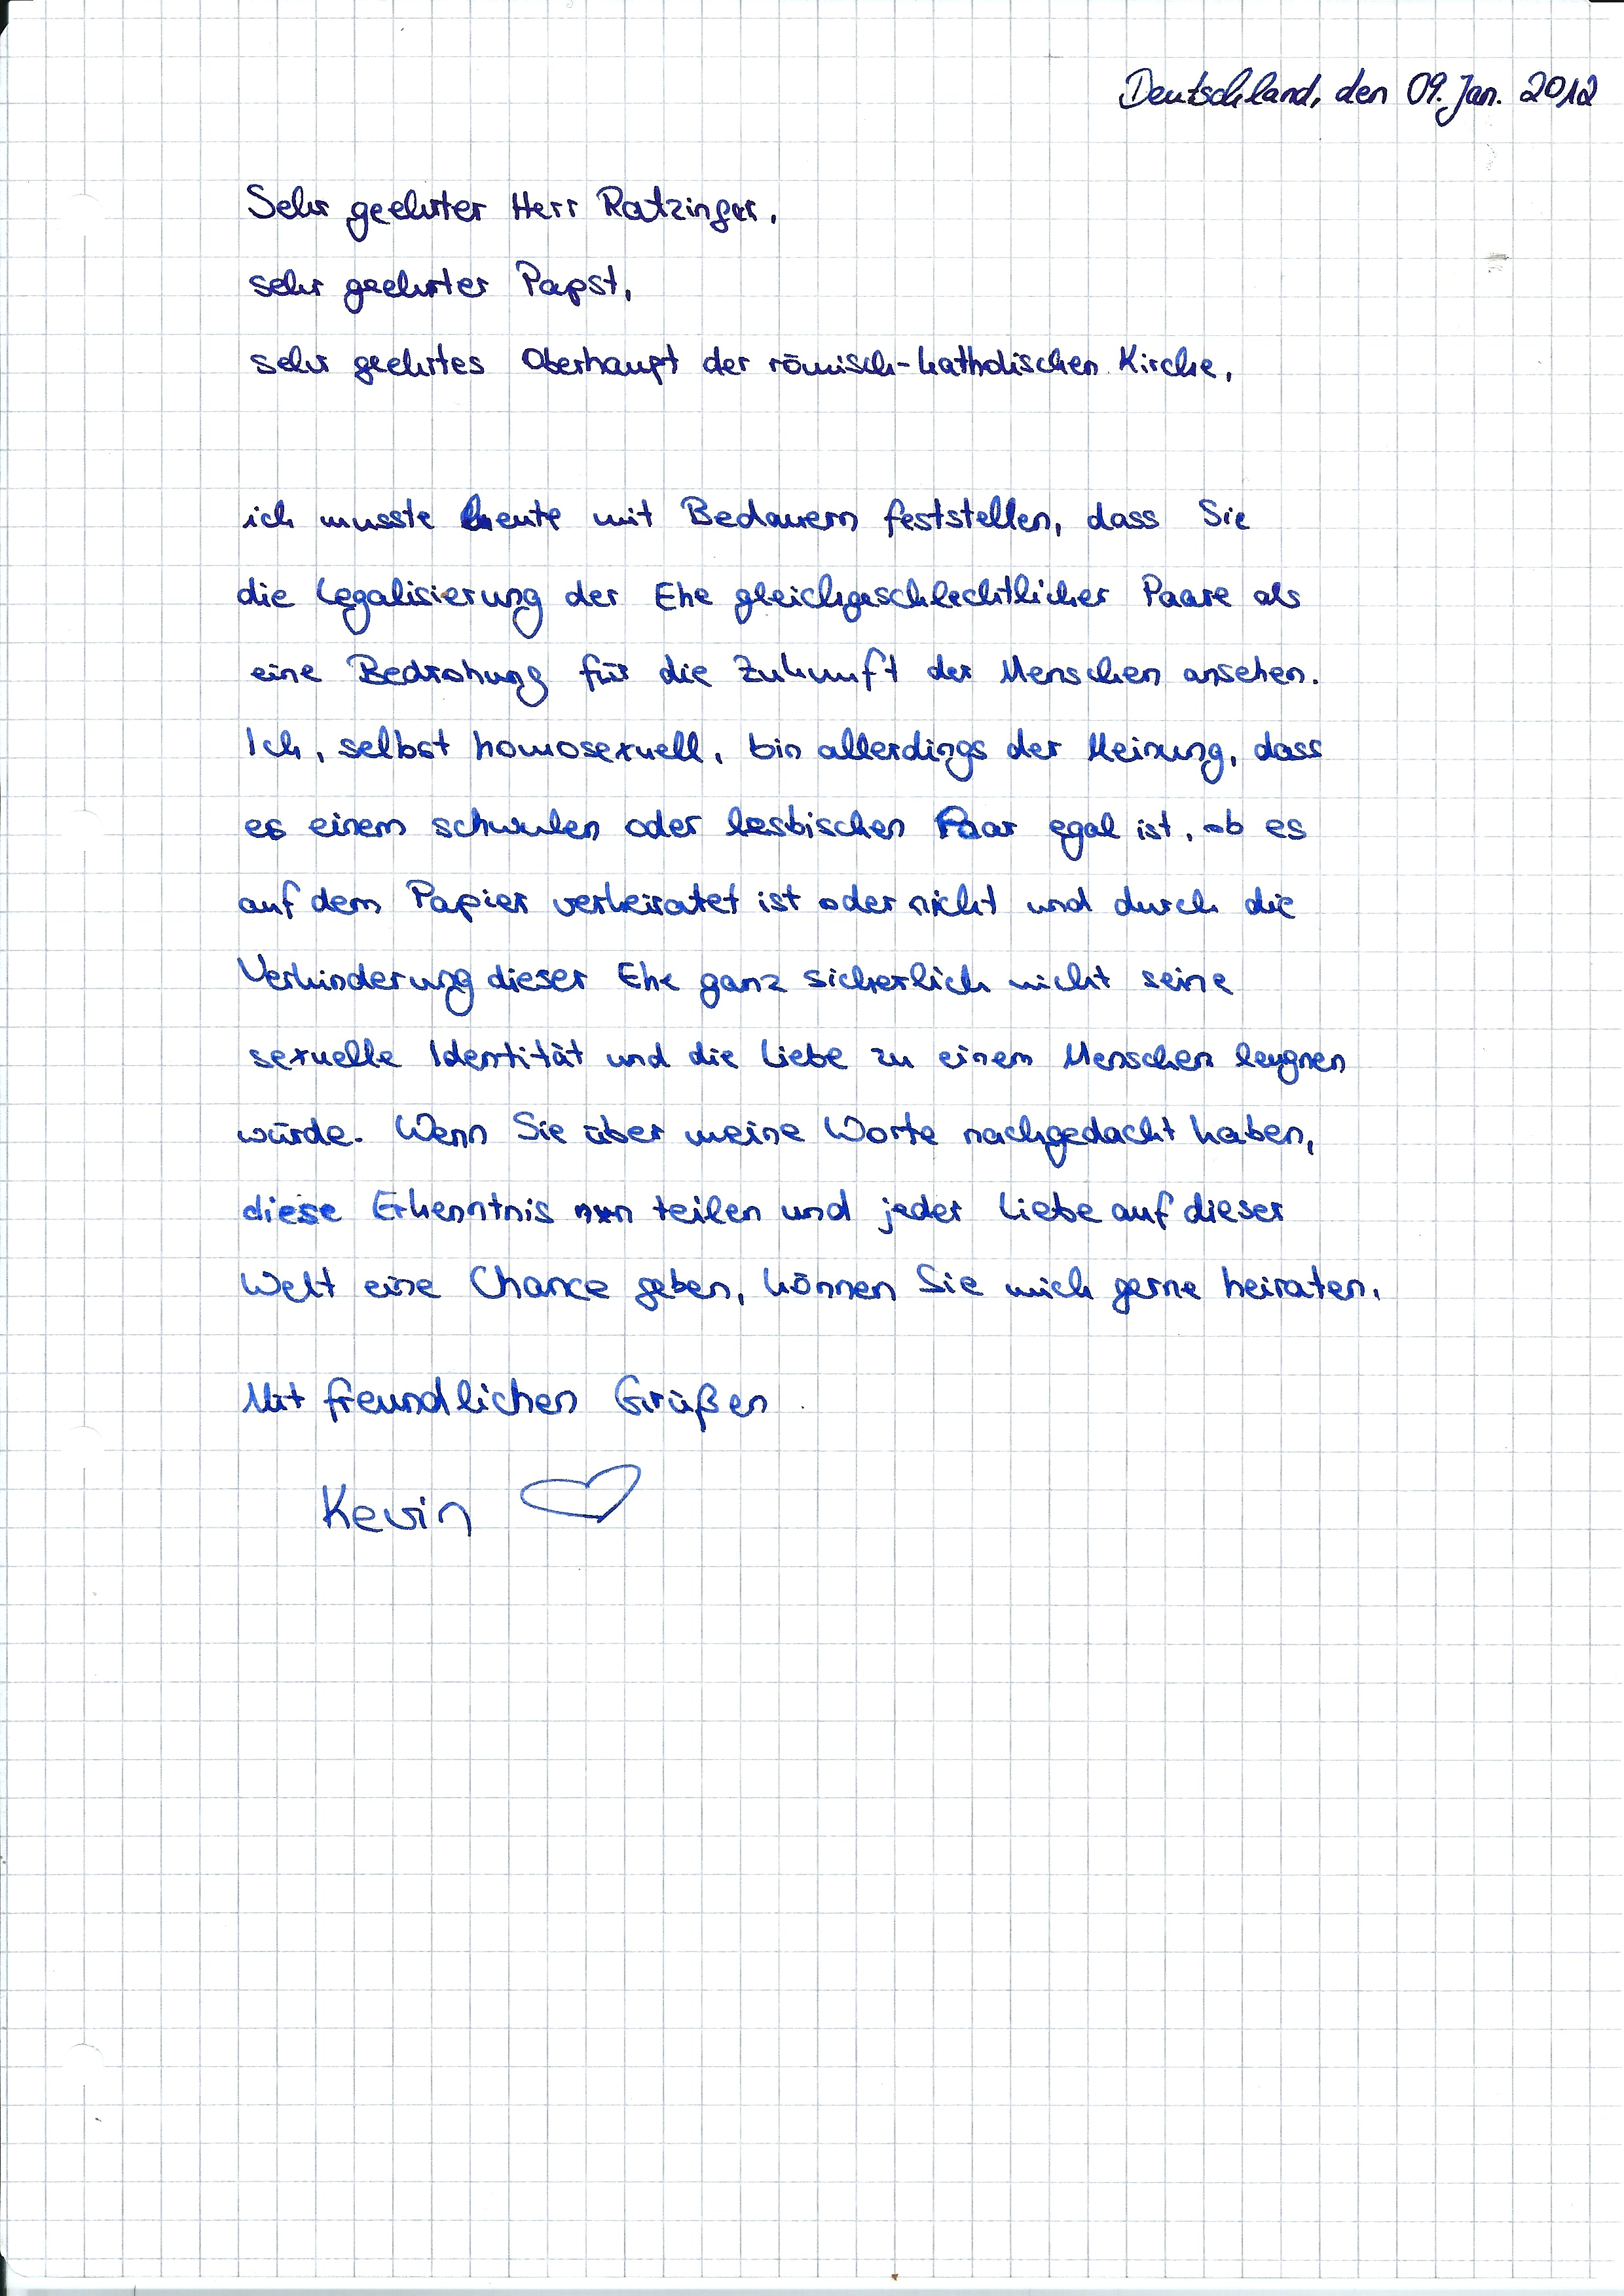 Brief Für Liebe : Die liebe in nanopics brief